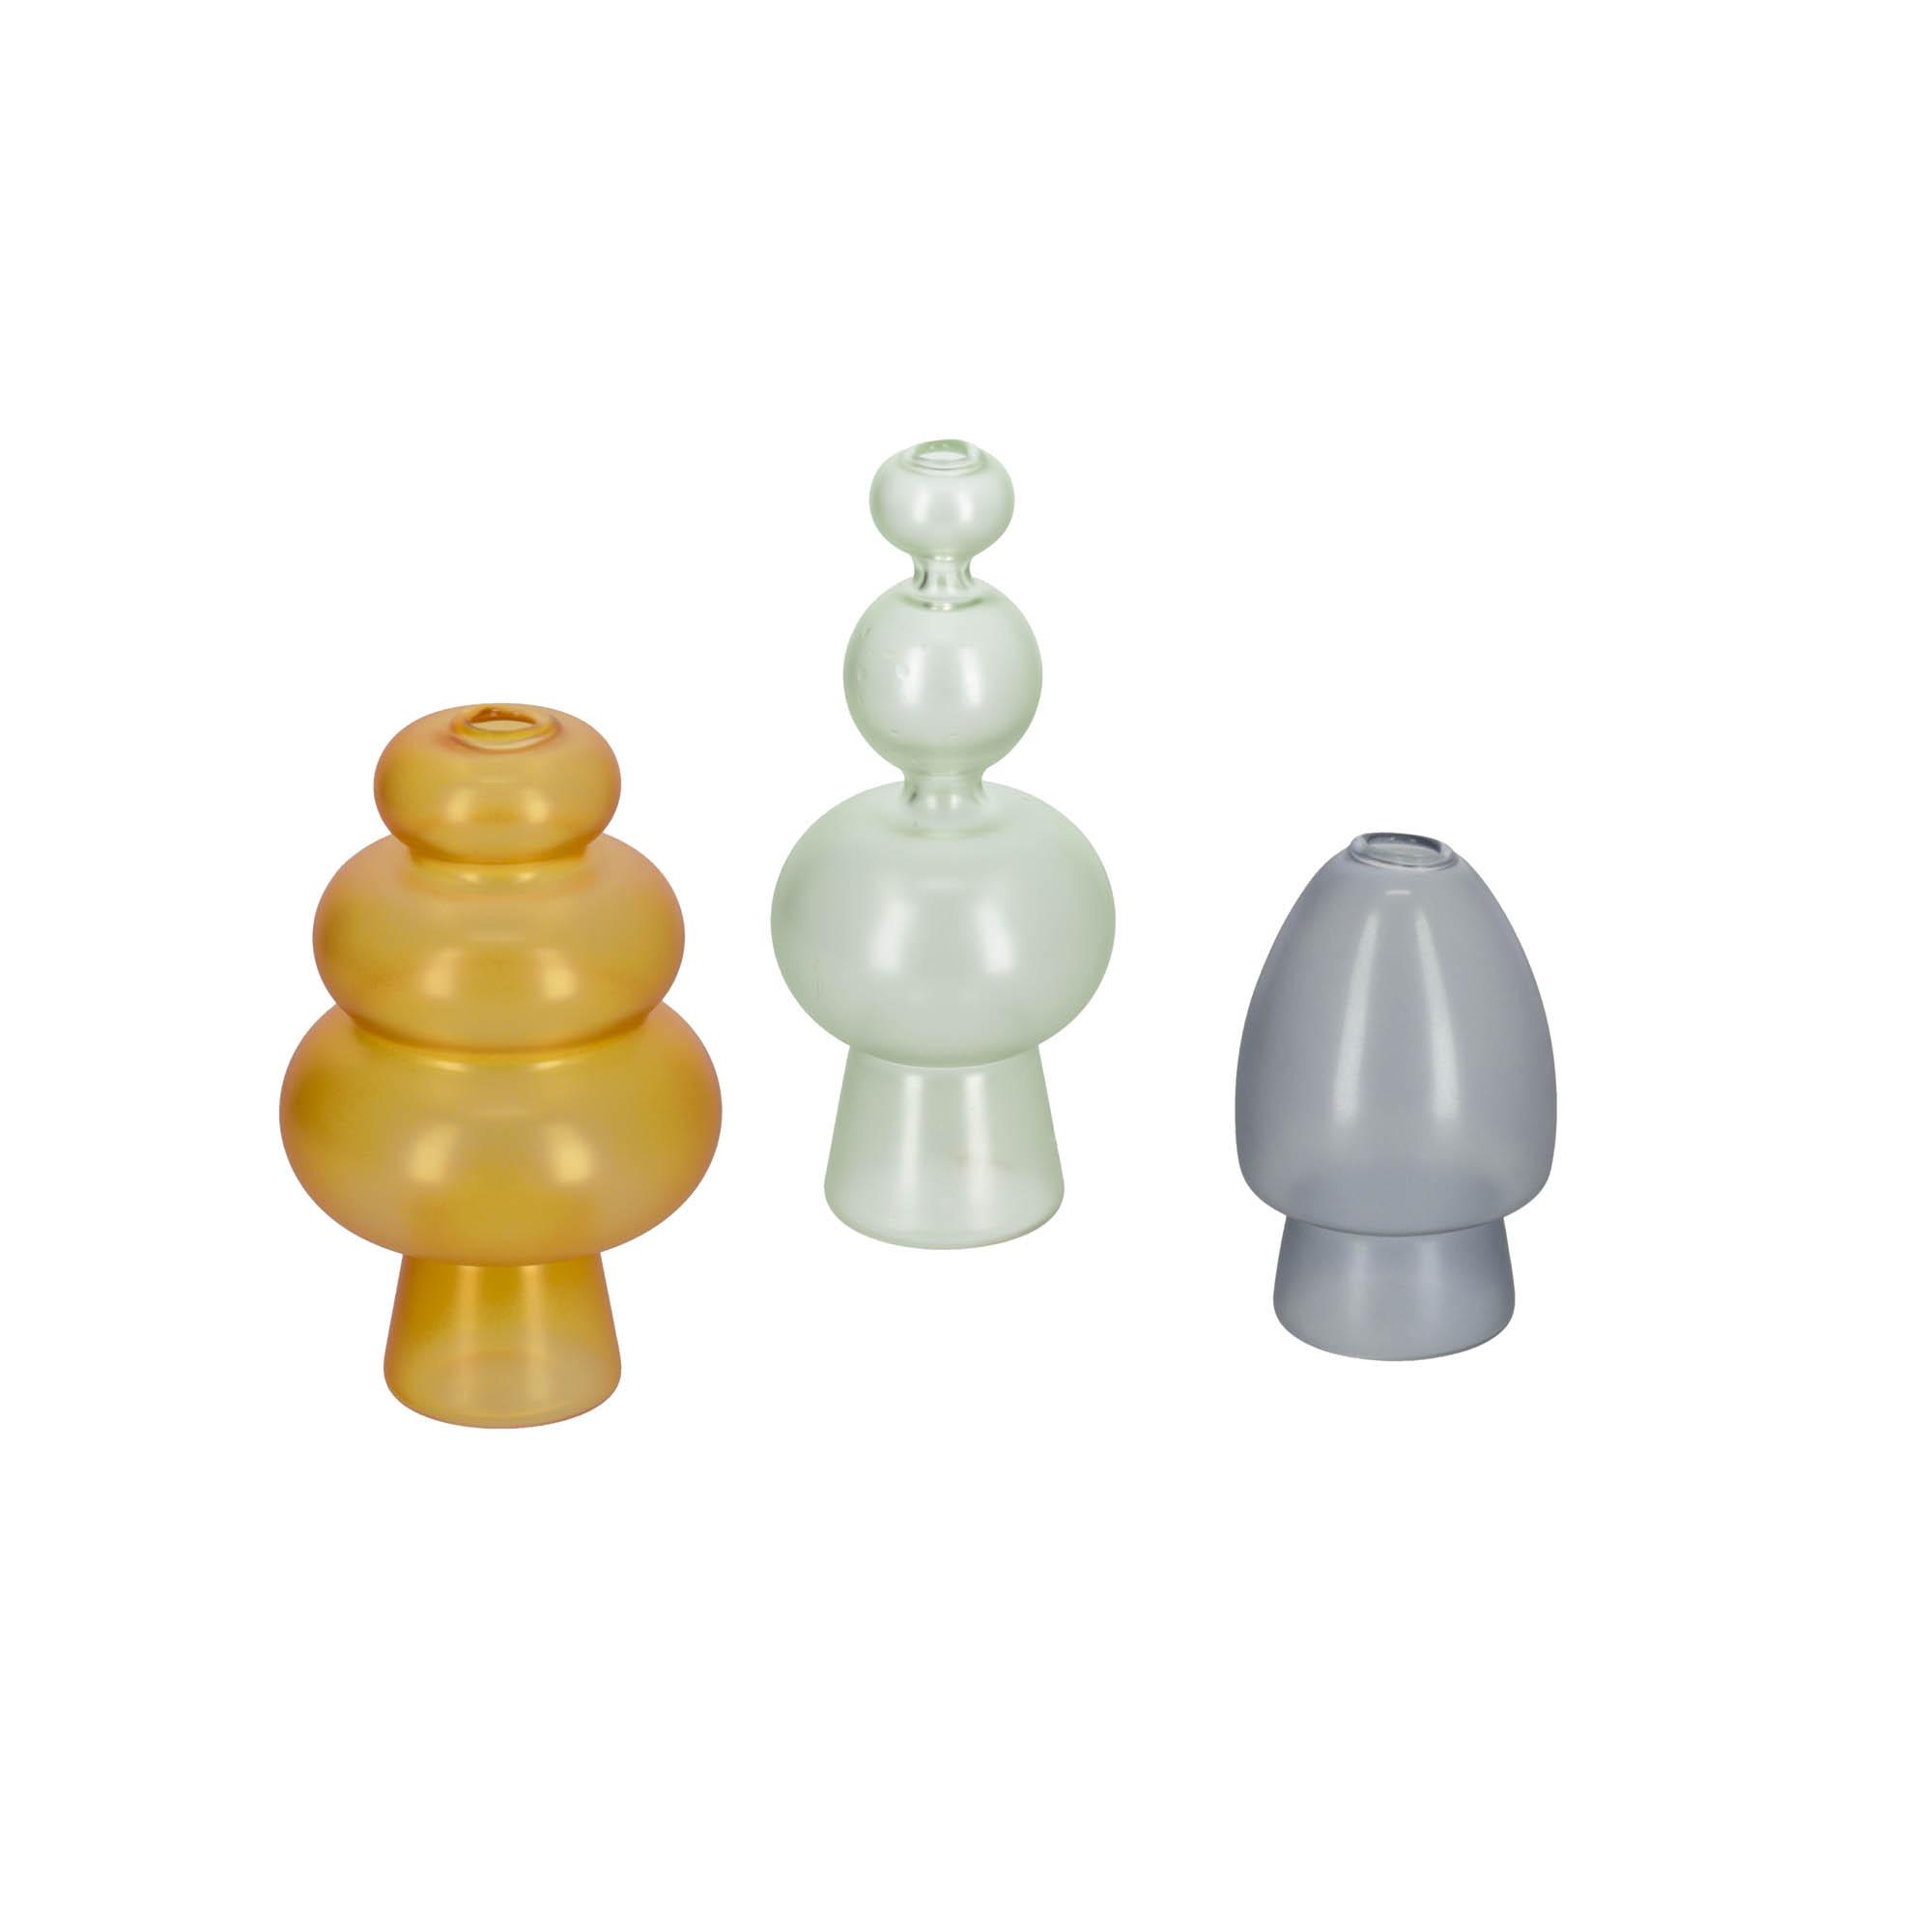 Kave home - set elody de 3 vases